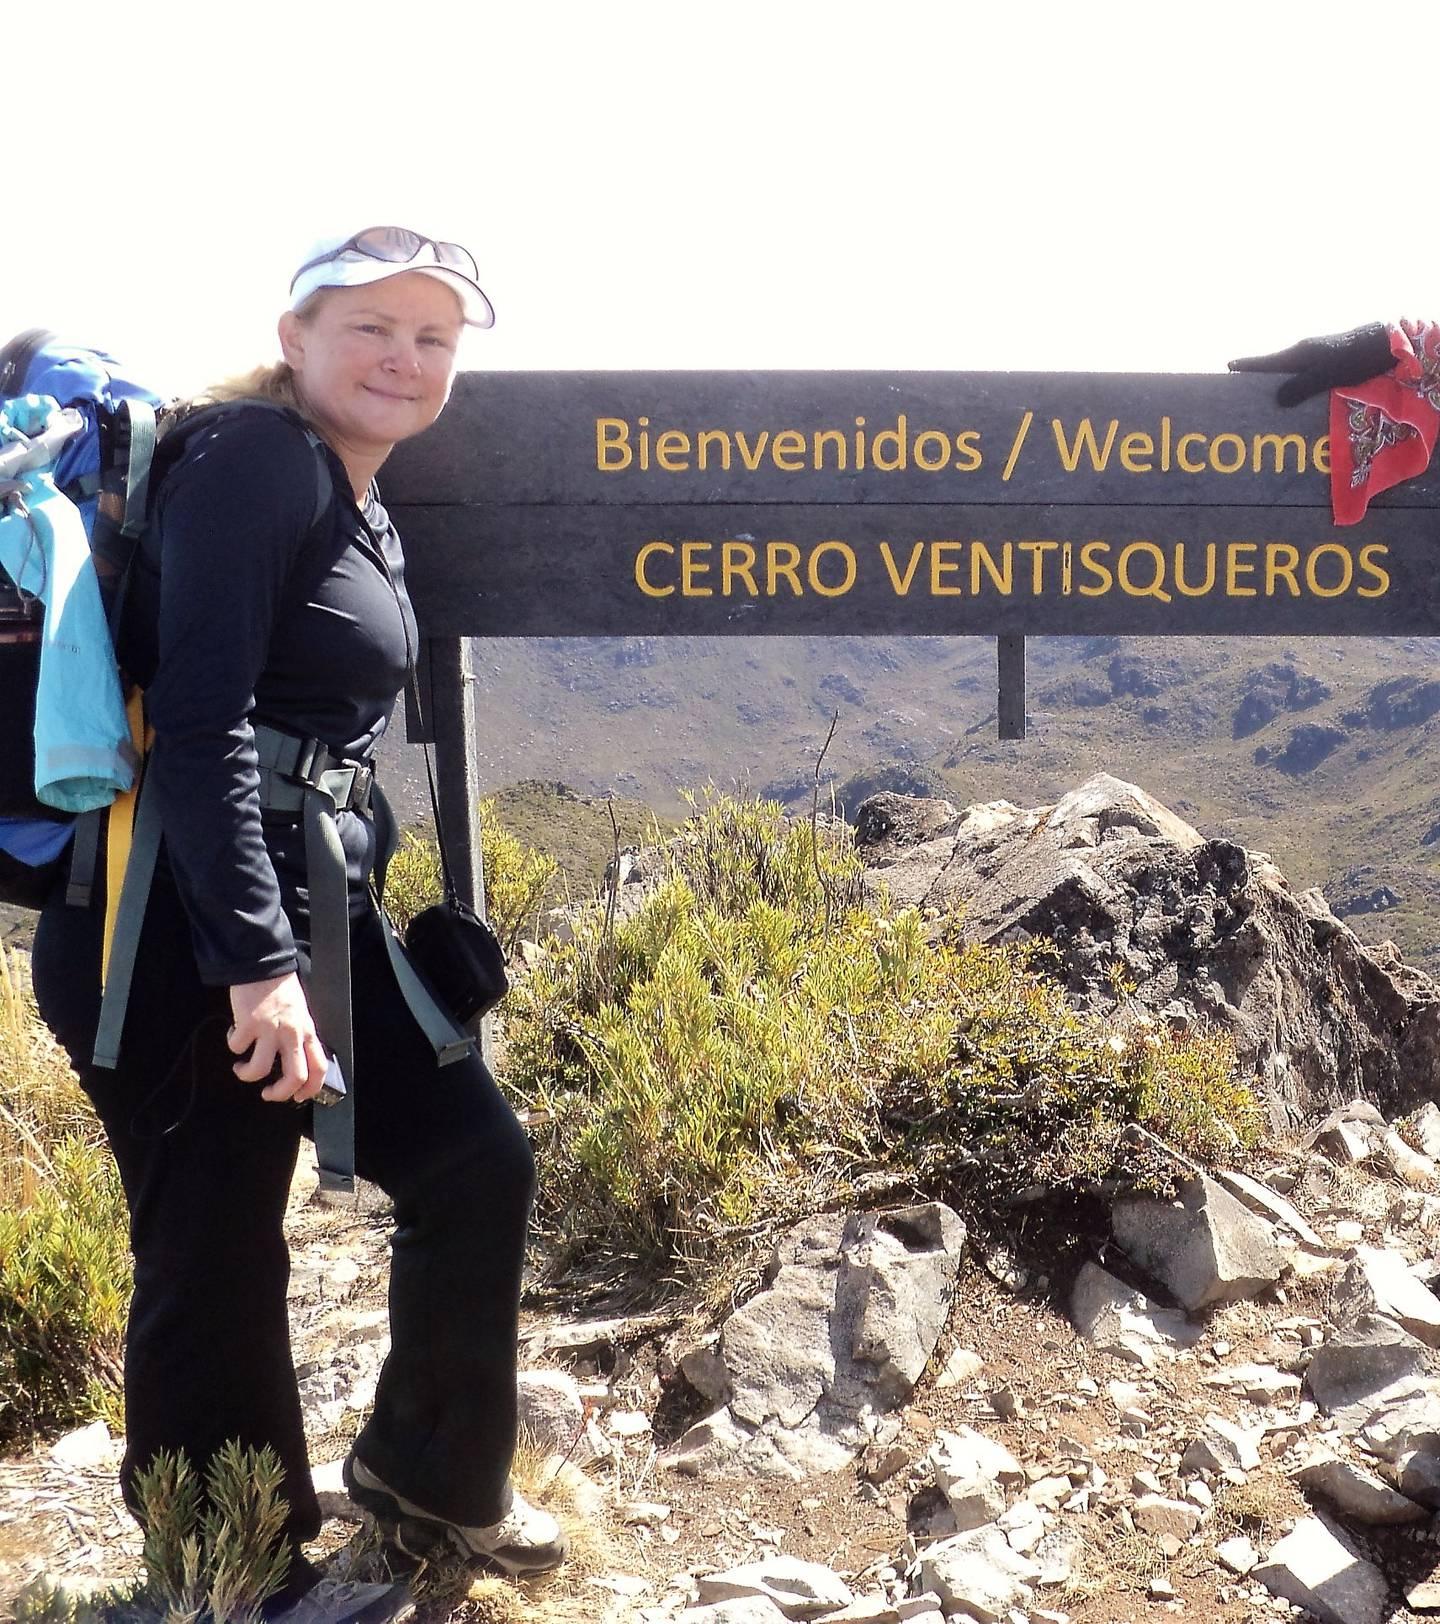 El 25 de febrero del 2013 Soto visitó la cumbre de Ventisqueros, para ella presenta más desafíos que el mismo Chirripó. Foto: Hugo Solano.